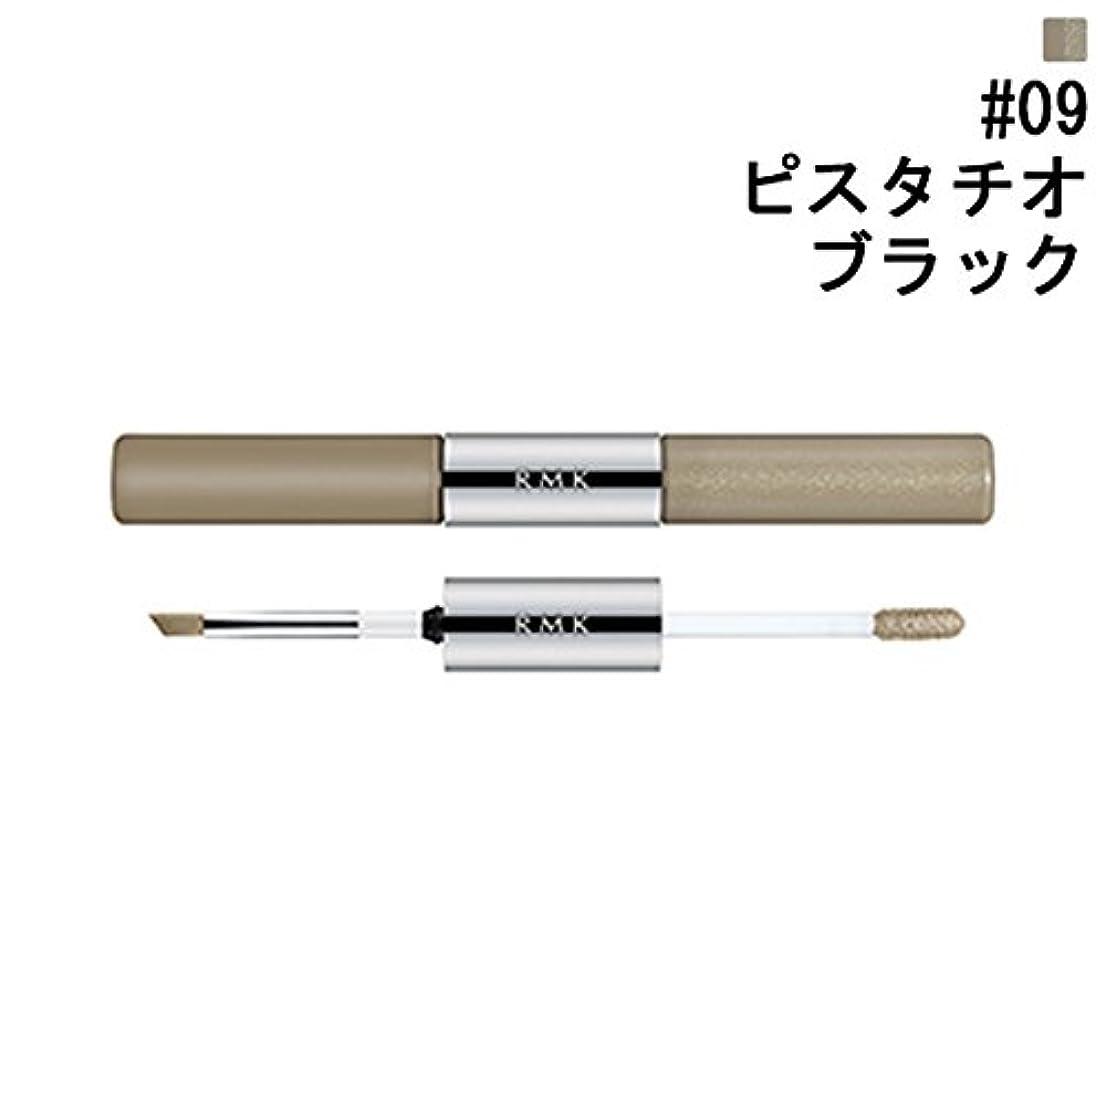 貫入見つけた刑務所【RMK アイシャドウ】 W ウォーター アイズ カラー インク 09 [並行輸入品]